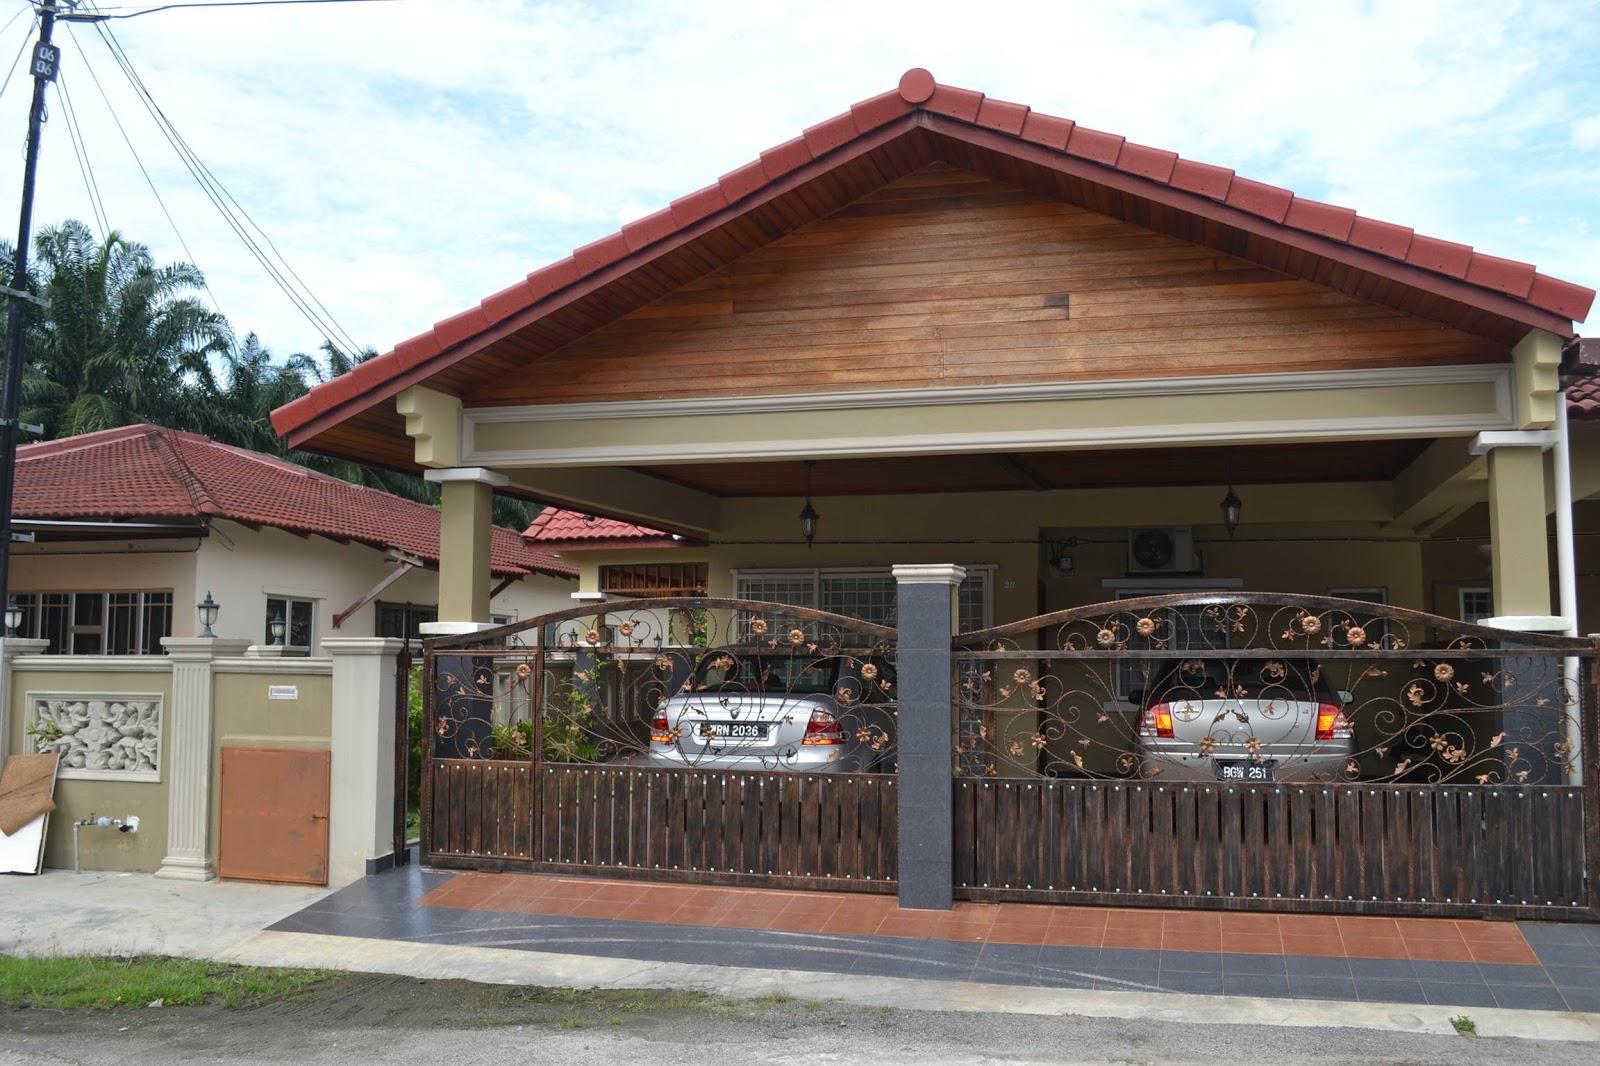 89+ Design Rumah Bahagian Depan - PENAMBAHAN BAHAGIAN & Design Depan Rumah Banglo \u0026 Design Rumah Banglo English Style